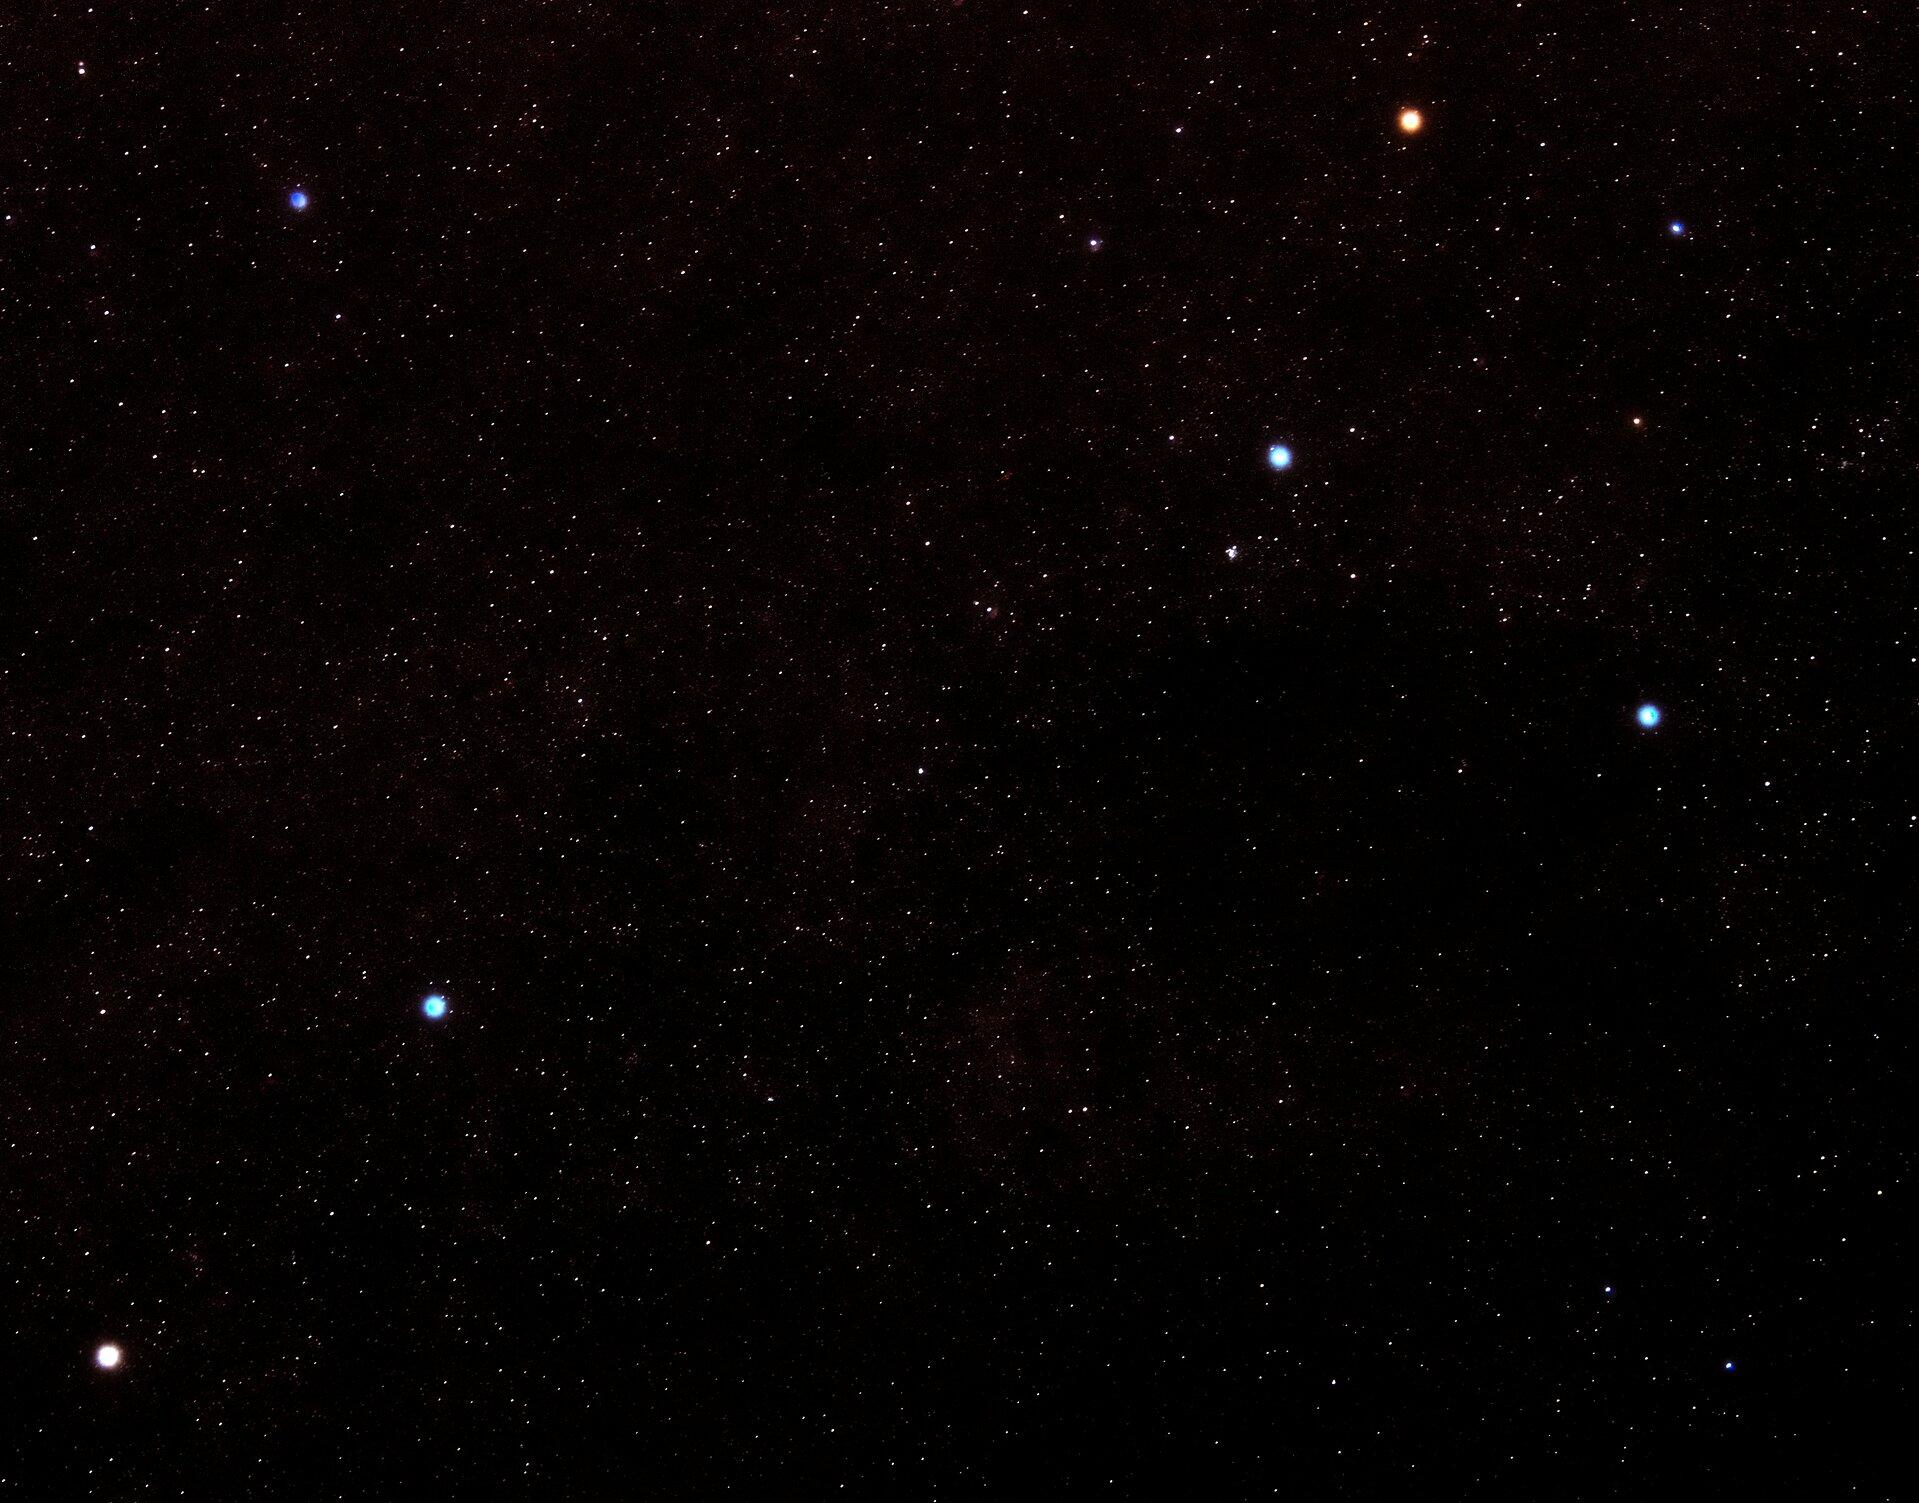 Na zdjęciu wiele mniejszych gwiazd ikilka większych, jaśniejszych, układających się na niebie wkształt krzyża.